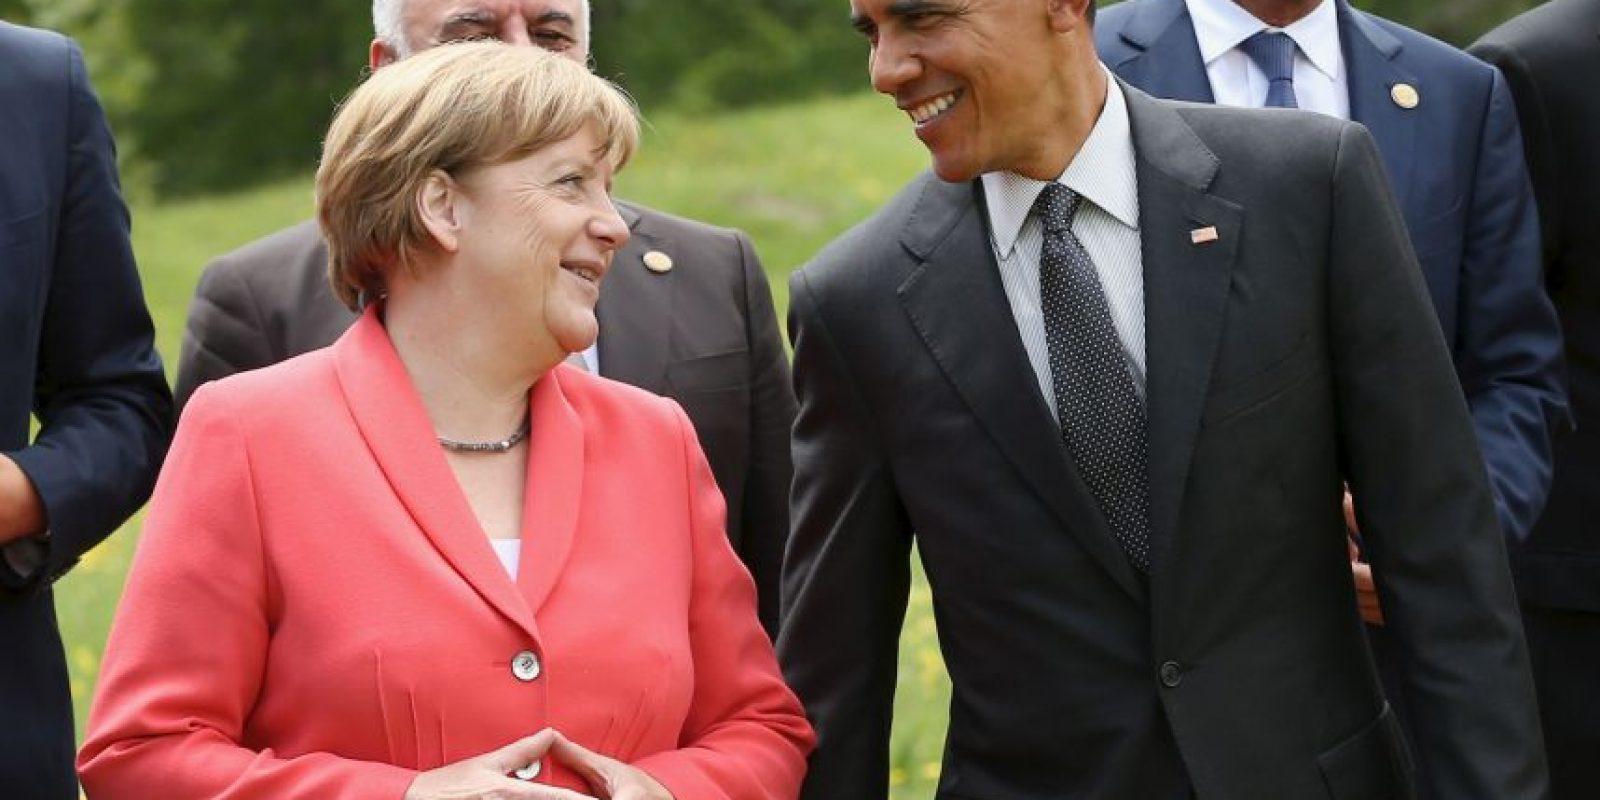 Ante esta acción, el gobierno alemán pidió al jefe de la misión estadounidense de inteligencia que abandonara el país. Foto:vía Getty Images